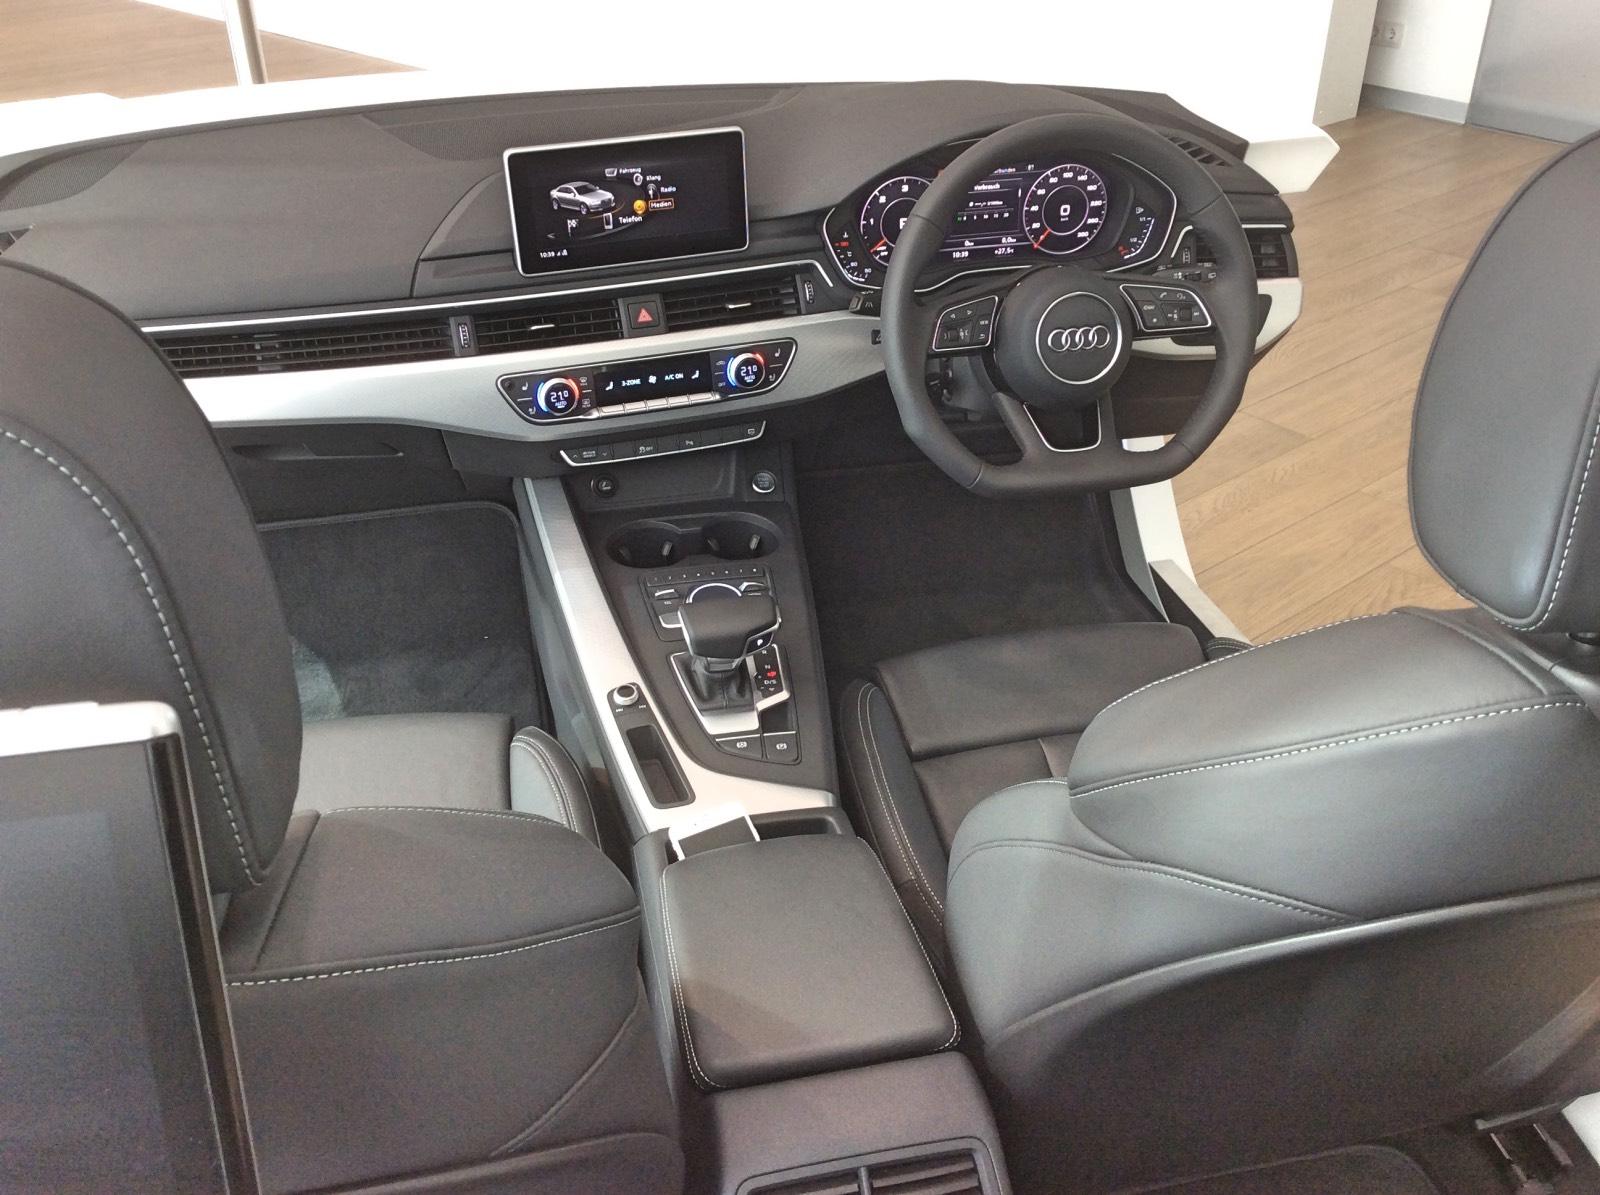 Willkommen in der digitalen Welt von Audi | Fahrspass24